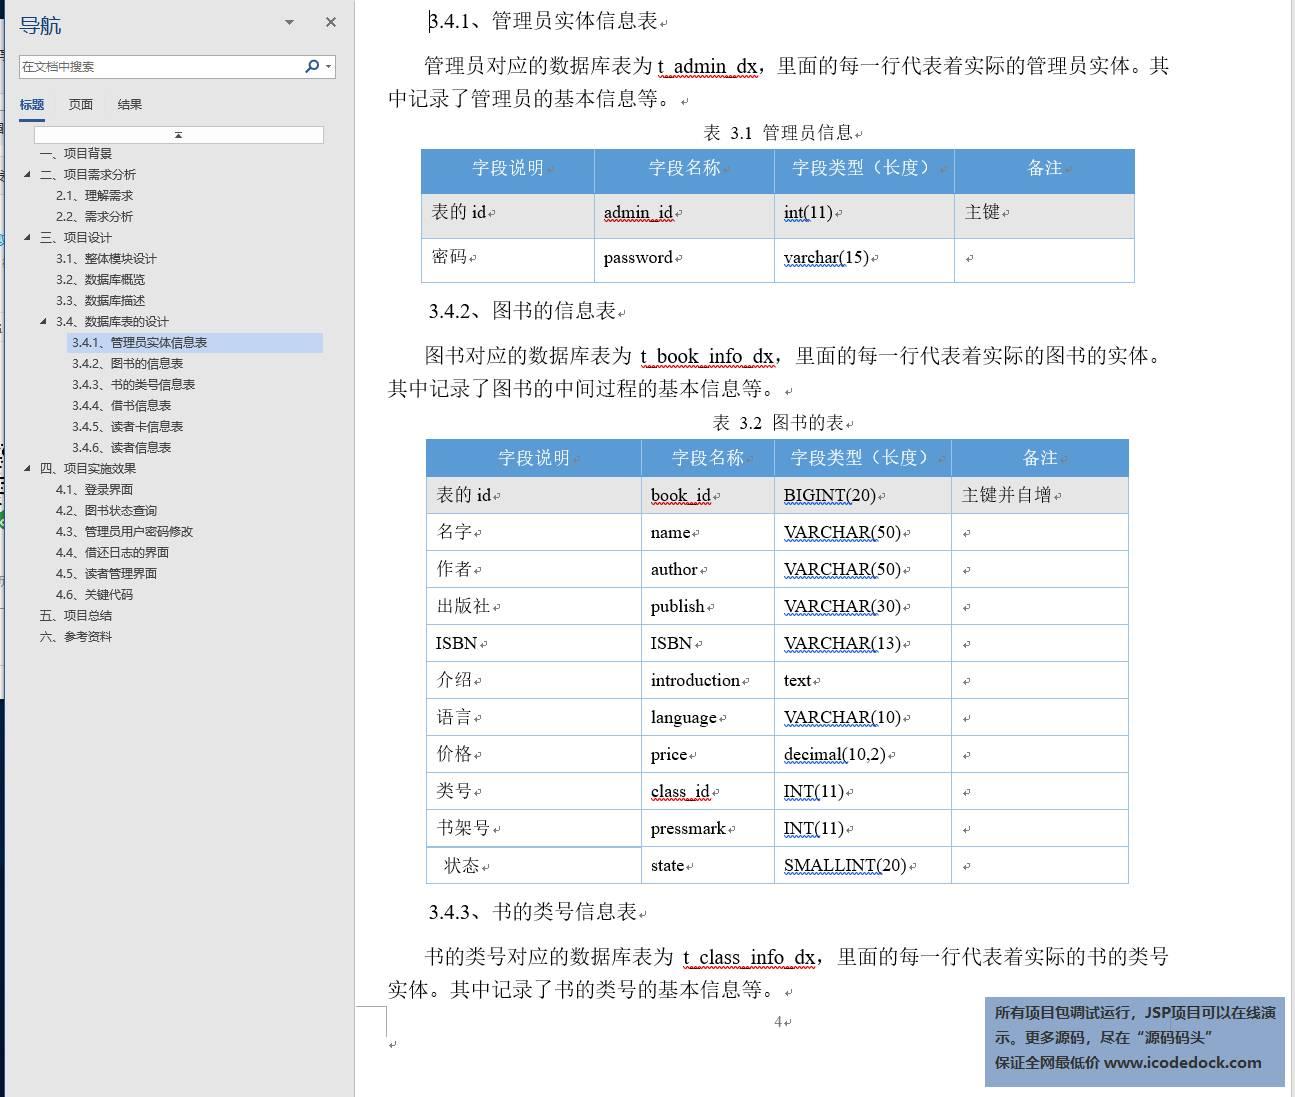 源码码头-Spring图书借阅管理系统-设计文档-数据库设计